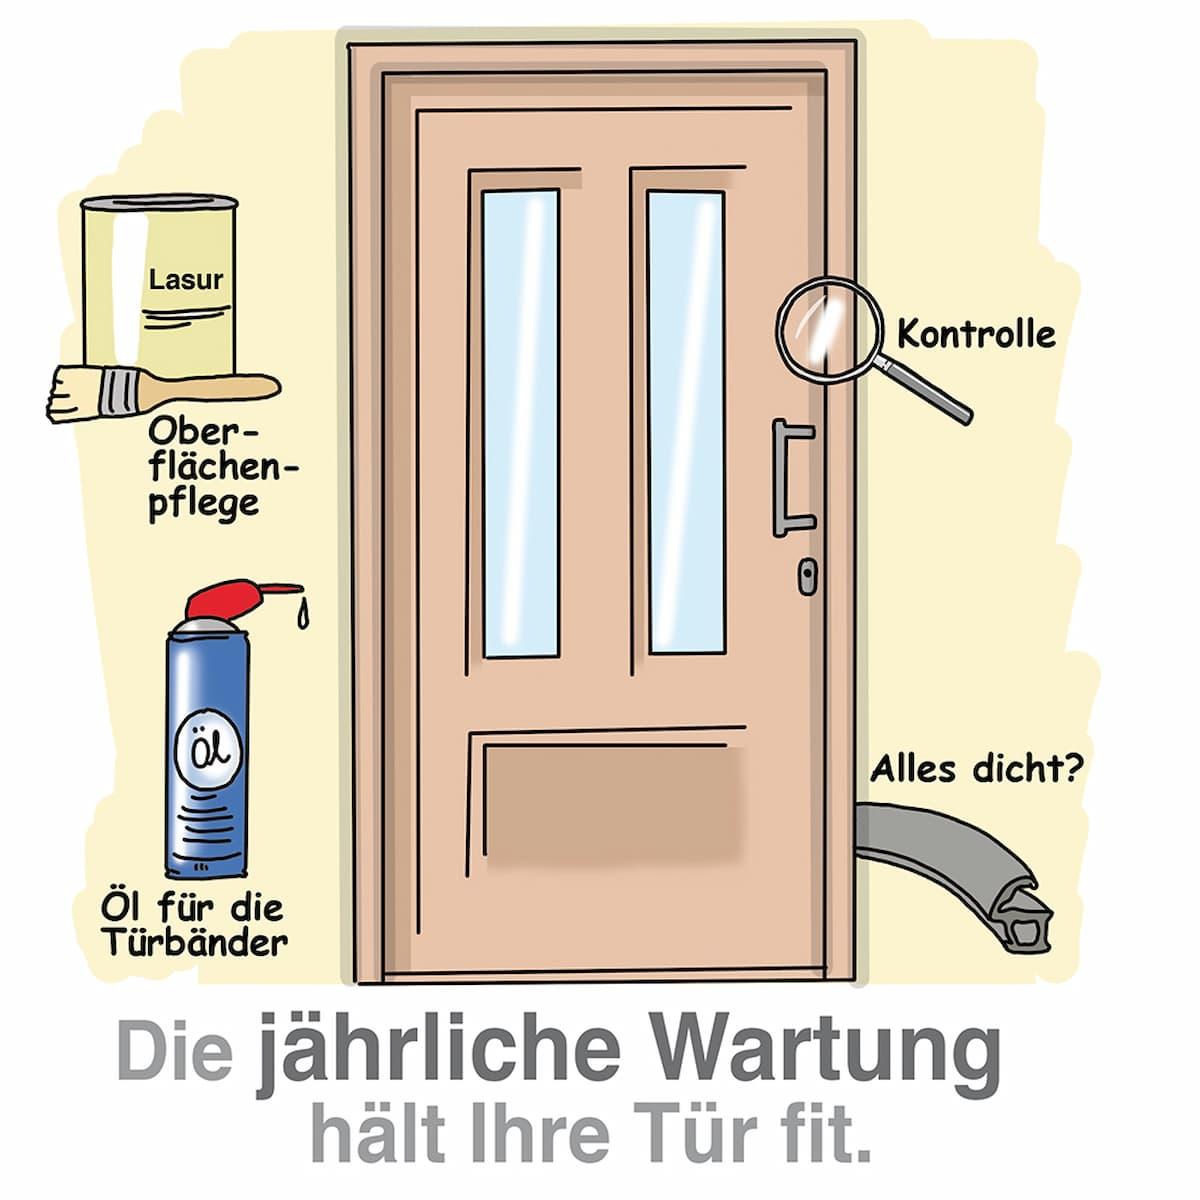 Haustüren sollten regelmäßig gewartet werden und auf Dichtigkeit überprüft werden